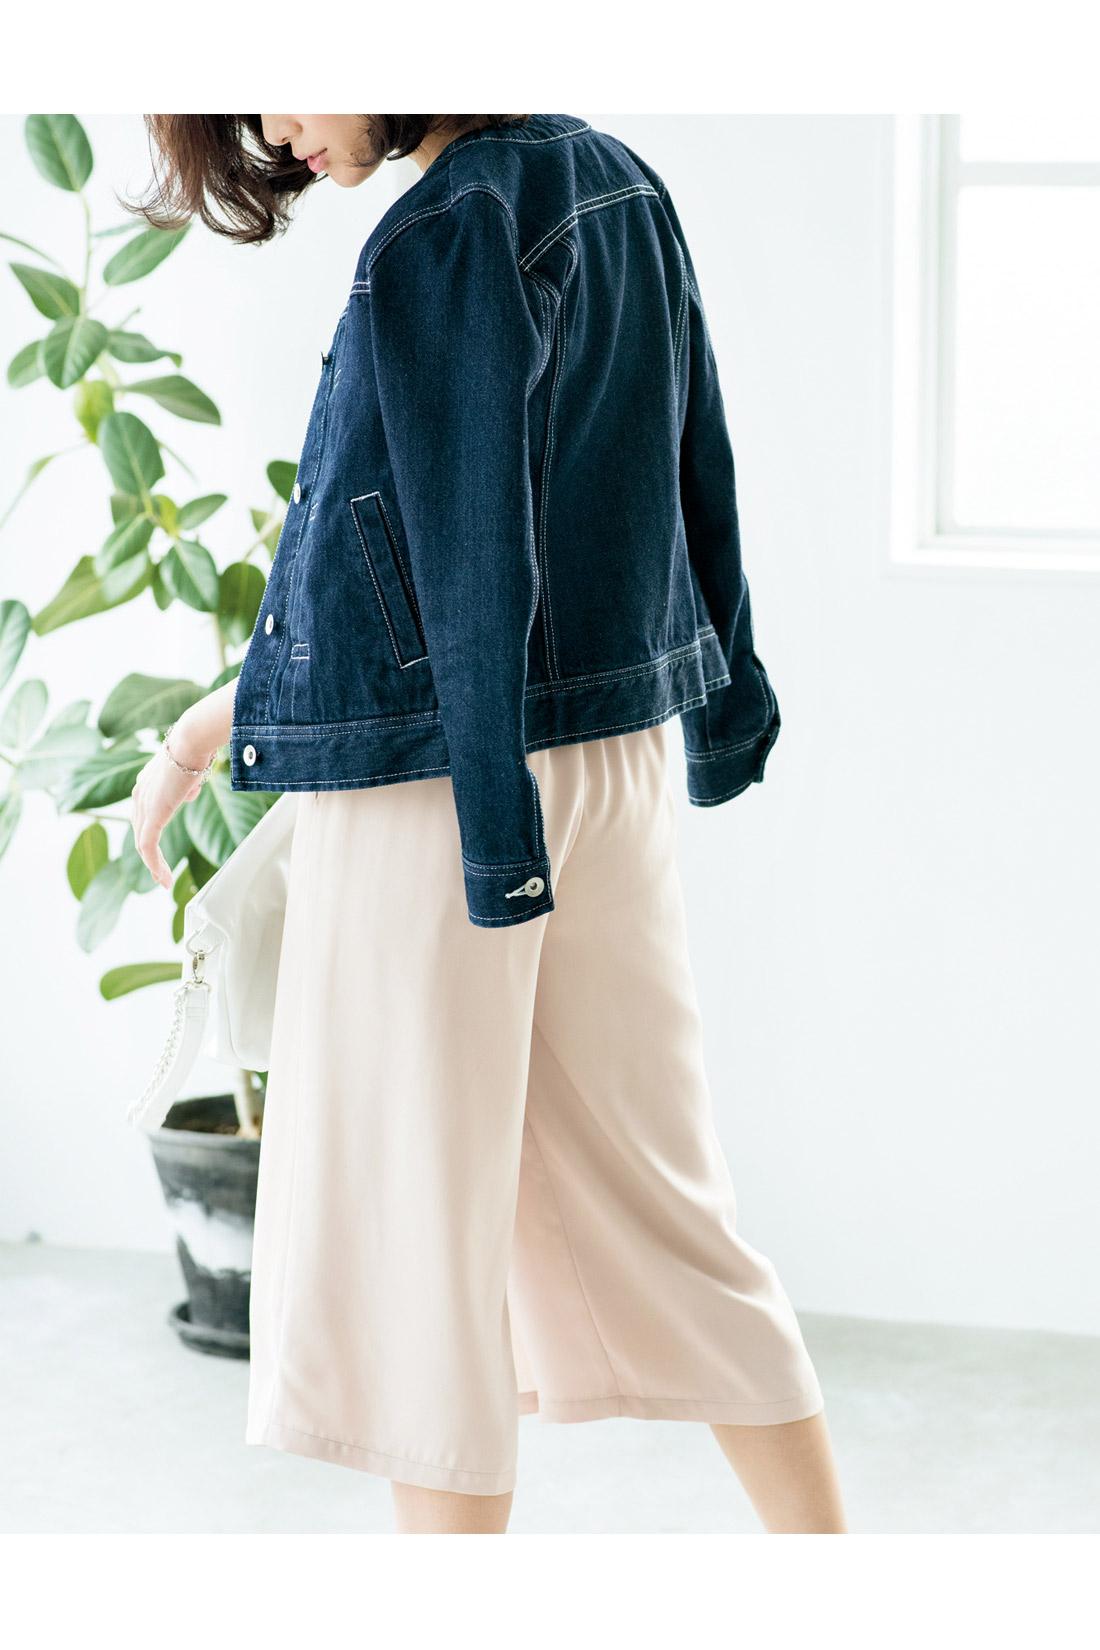 スカートに見えて実はパンツ!